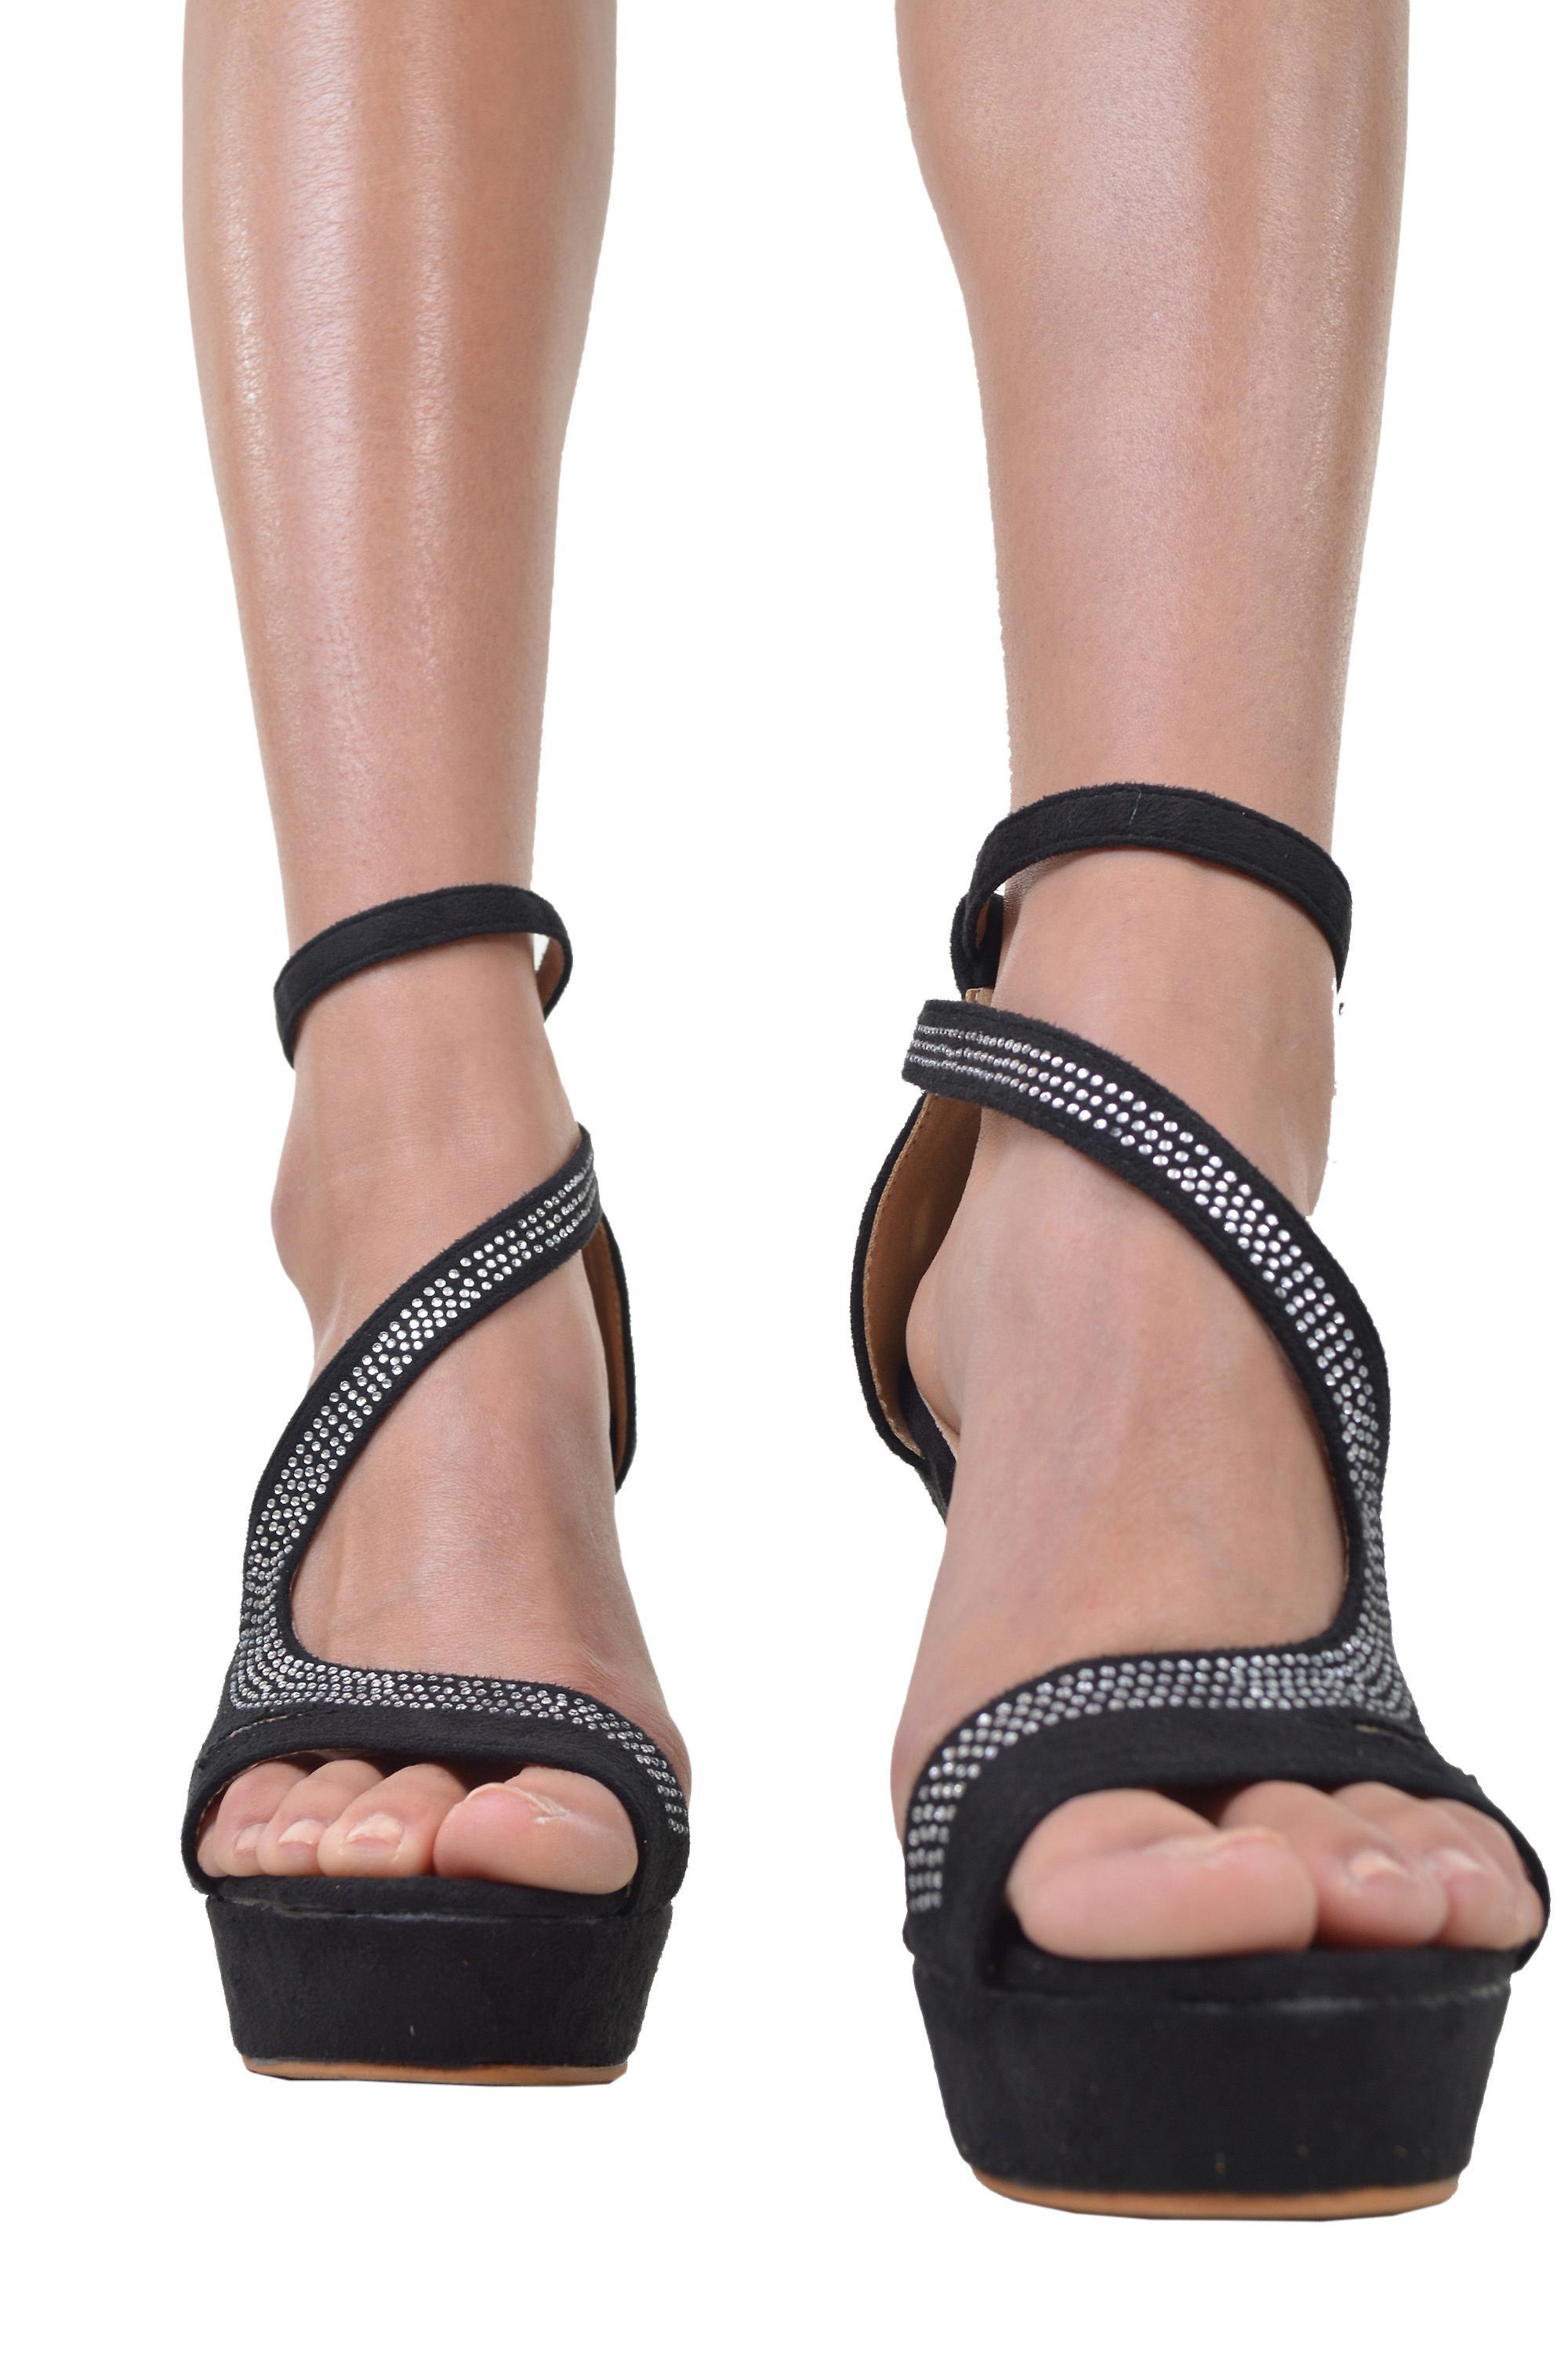 LMS Platform Heels With Diamante Embellished Strap In Black